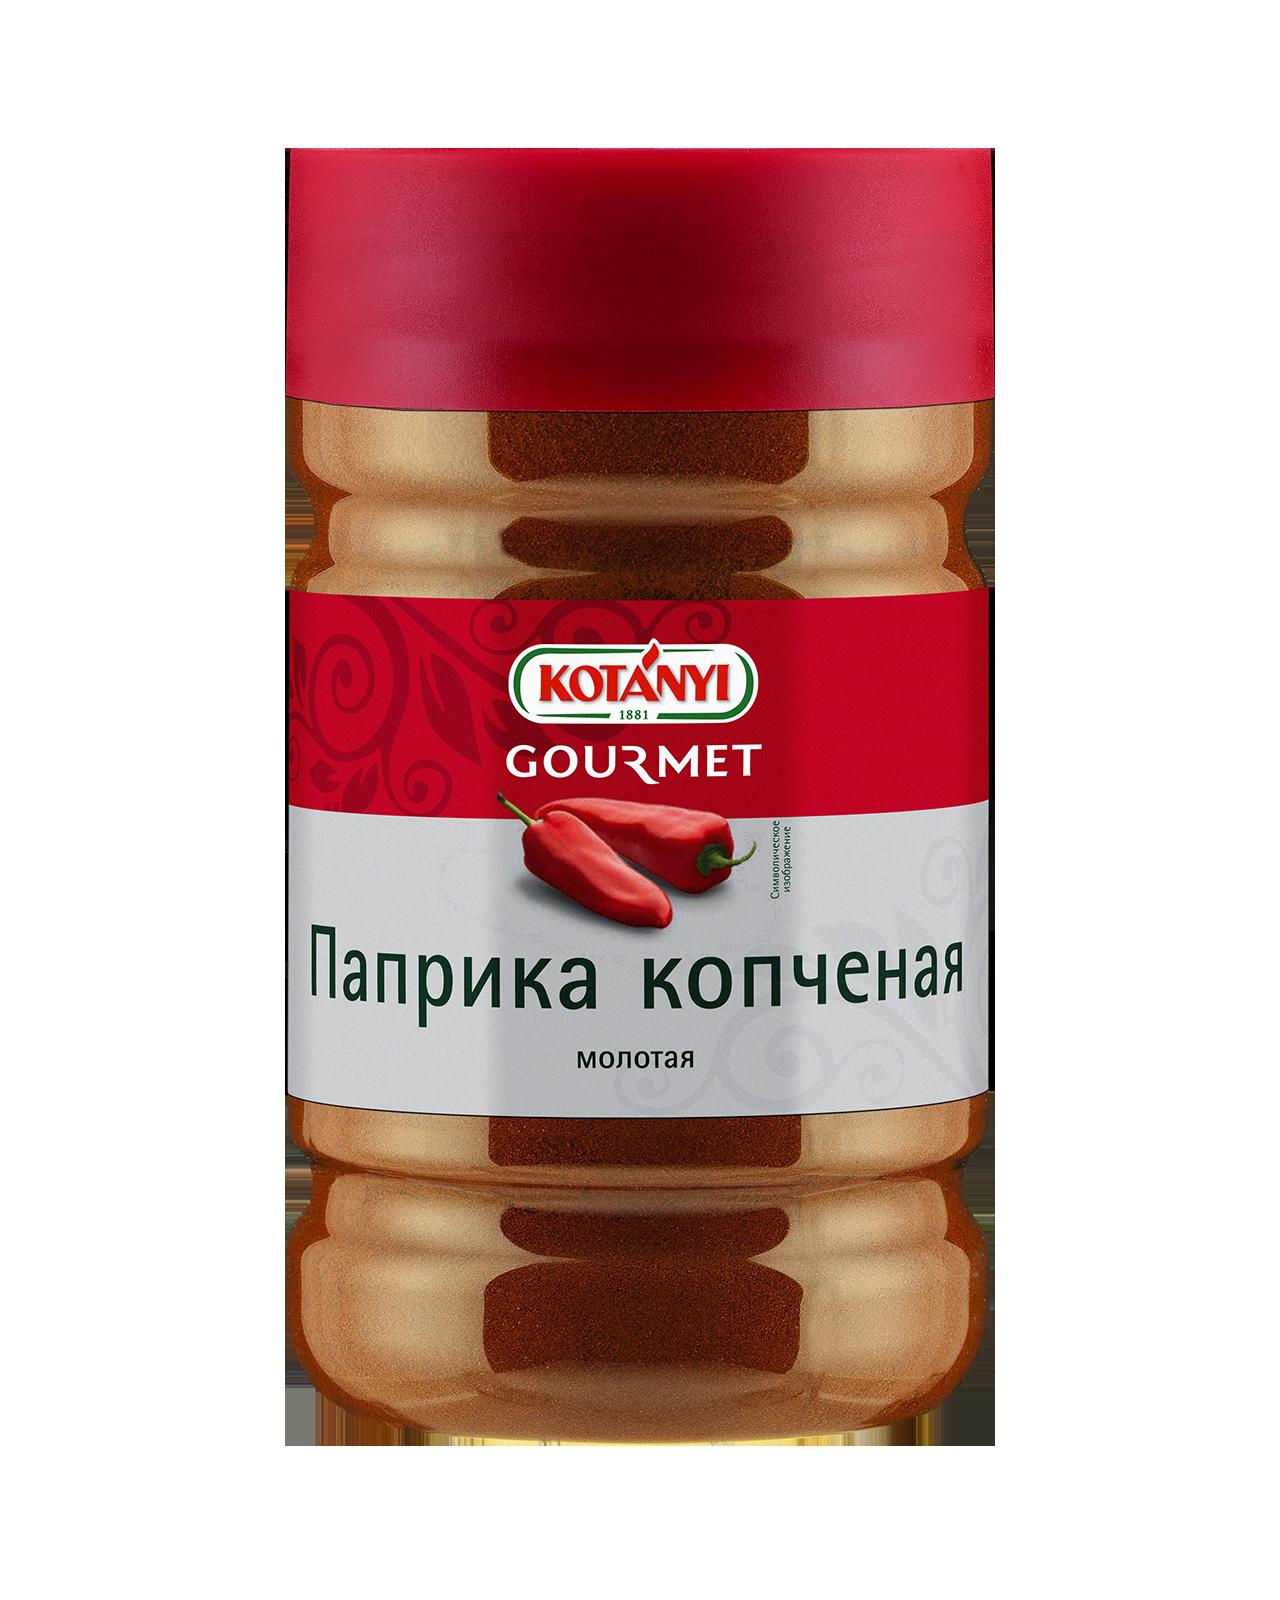 263911 Kotanyi Paprika Kopchenaya Molotaya B2b Tin